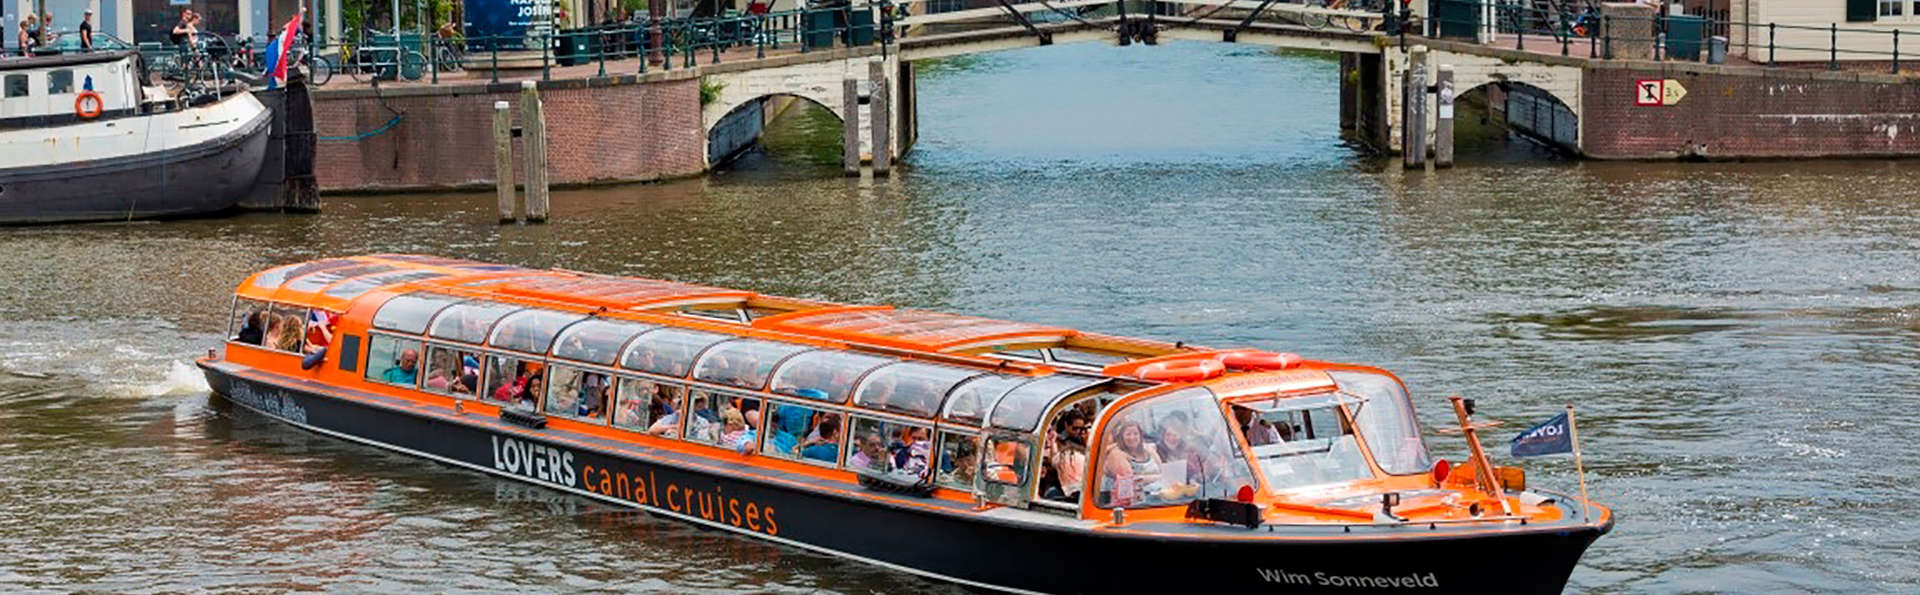 Séjour de luxe et de charme à Amsterdam avec croisière incluse